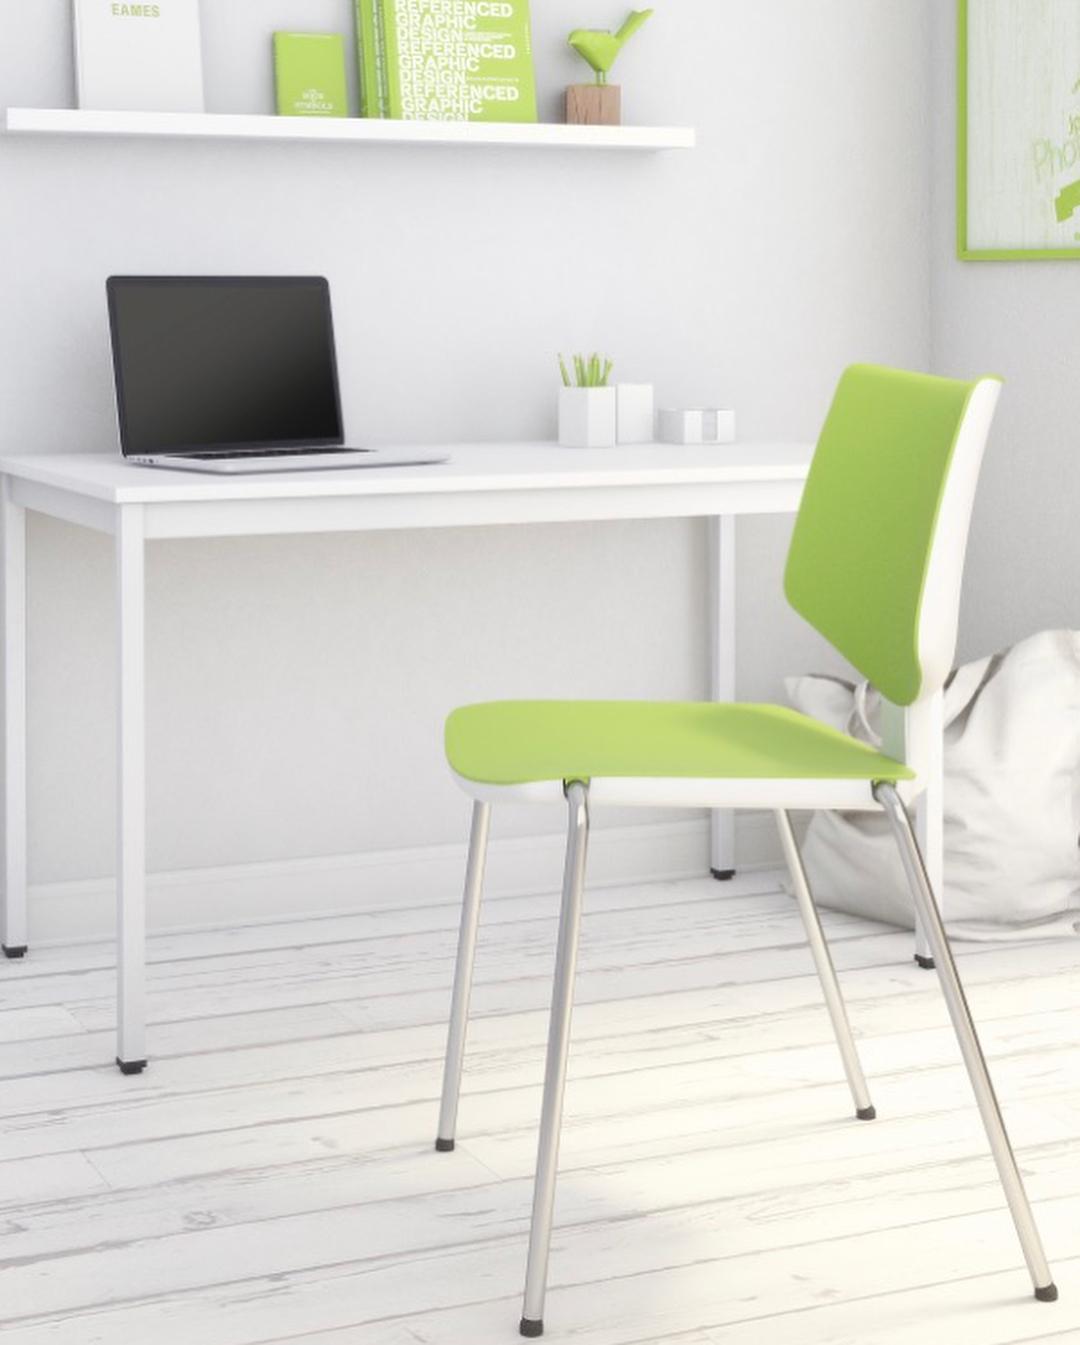 Chaise d'accueil design métal et PVC Kenza